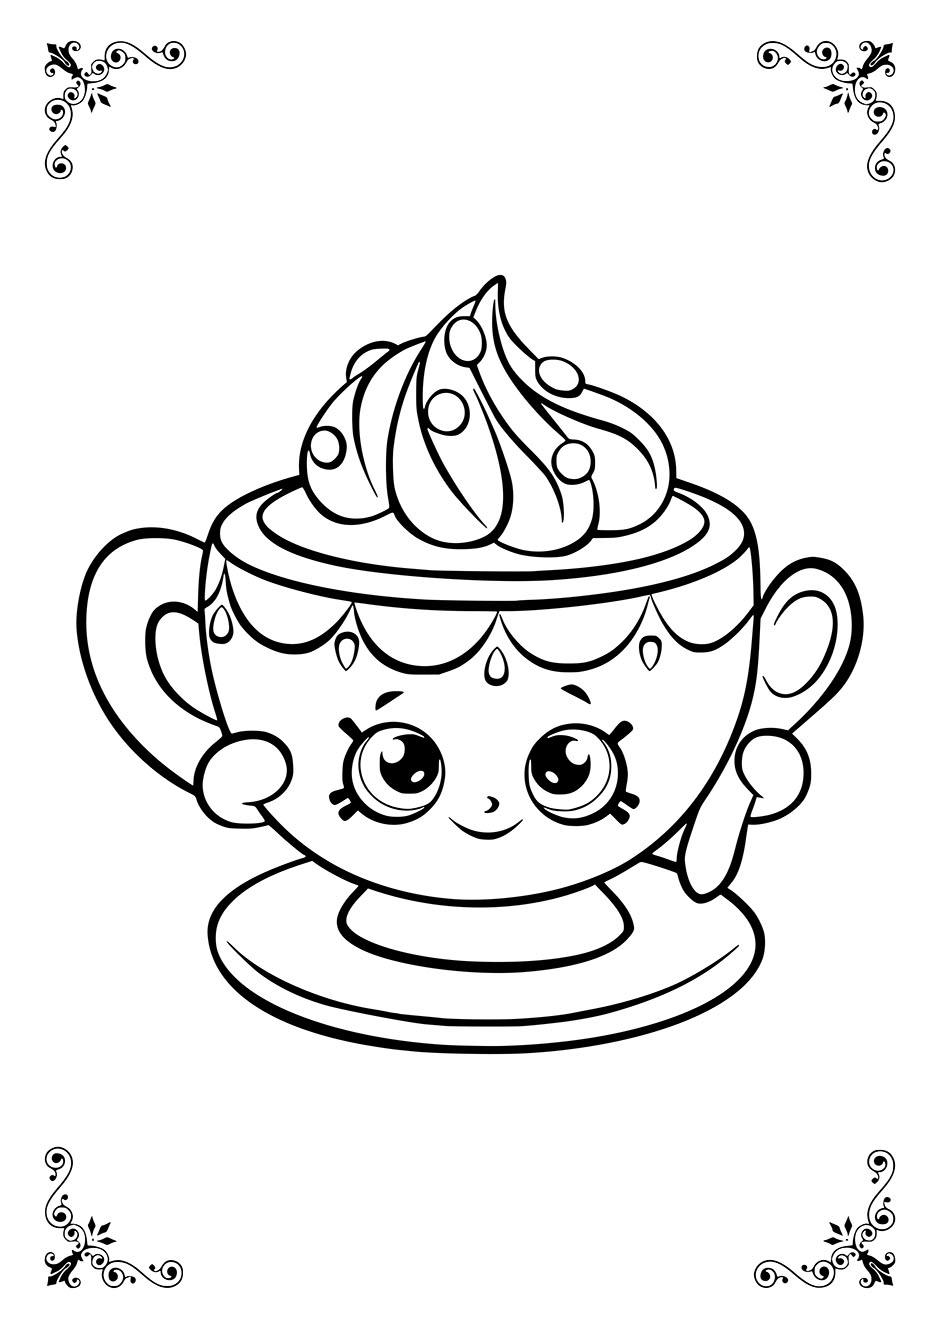 Раскраска: чашка с глазками — raskraski-a4.ru